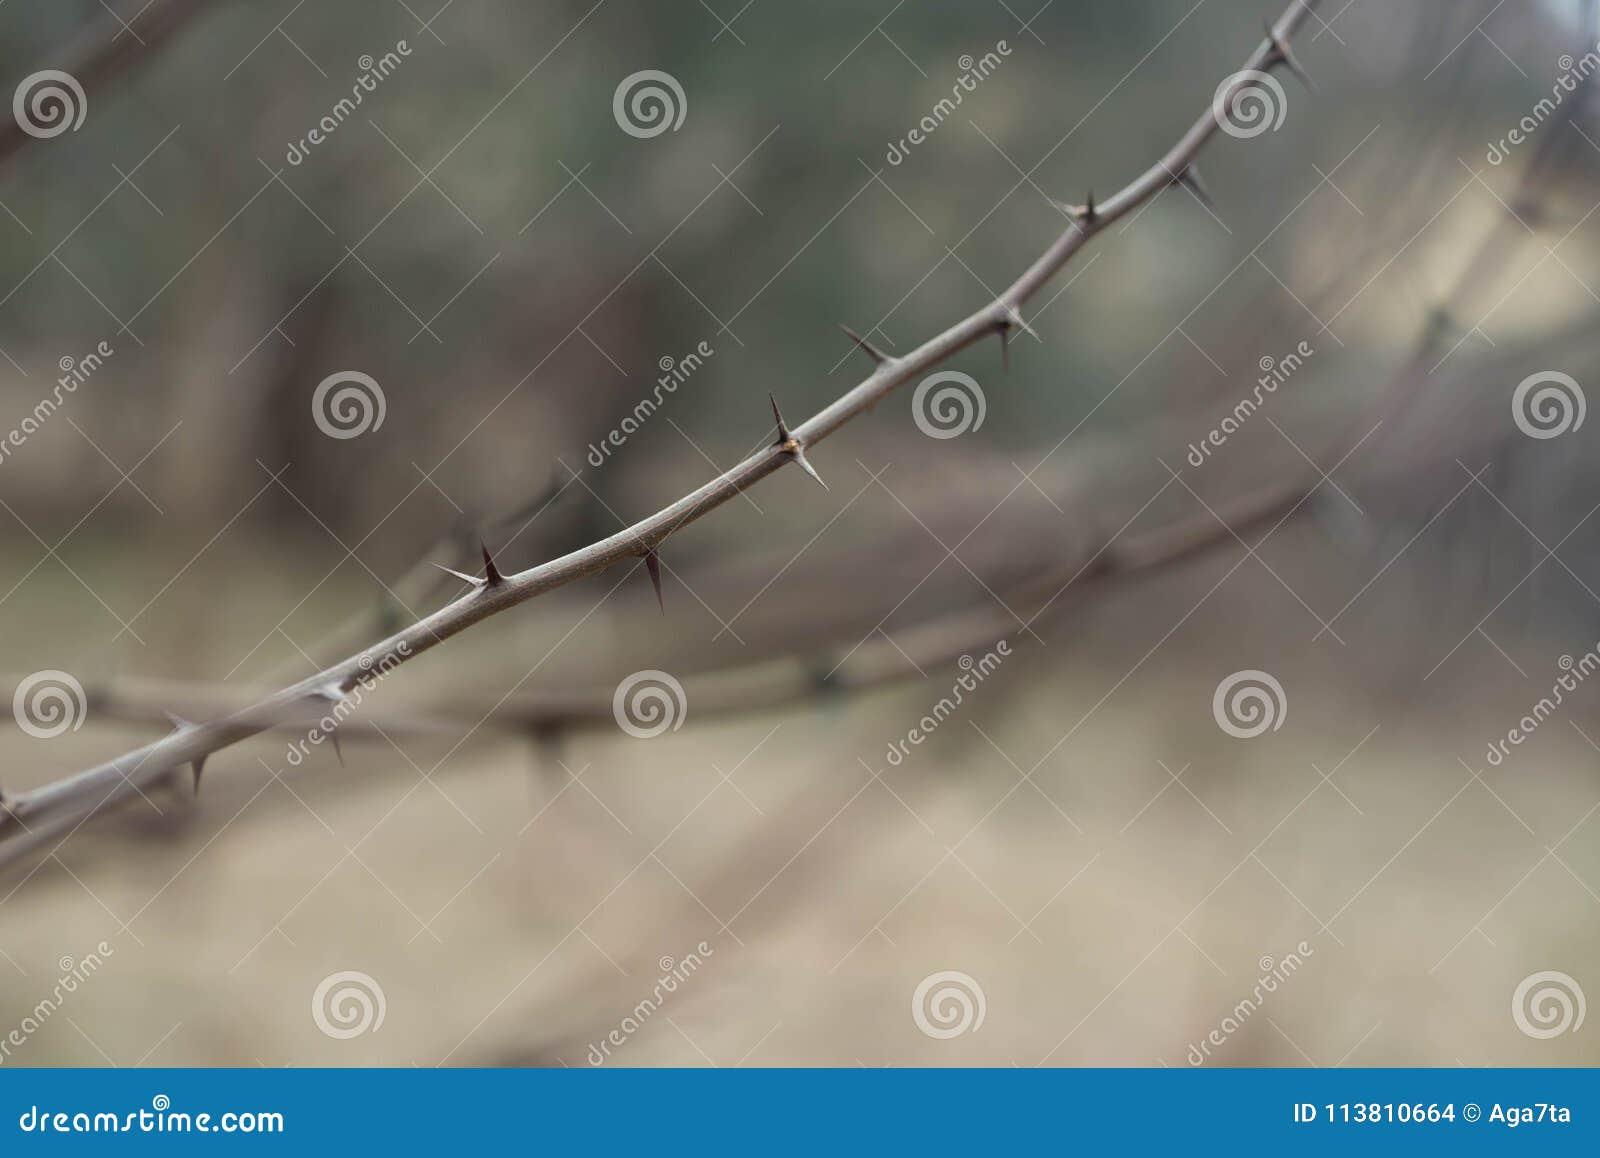 Thorn of black locust macro